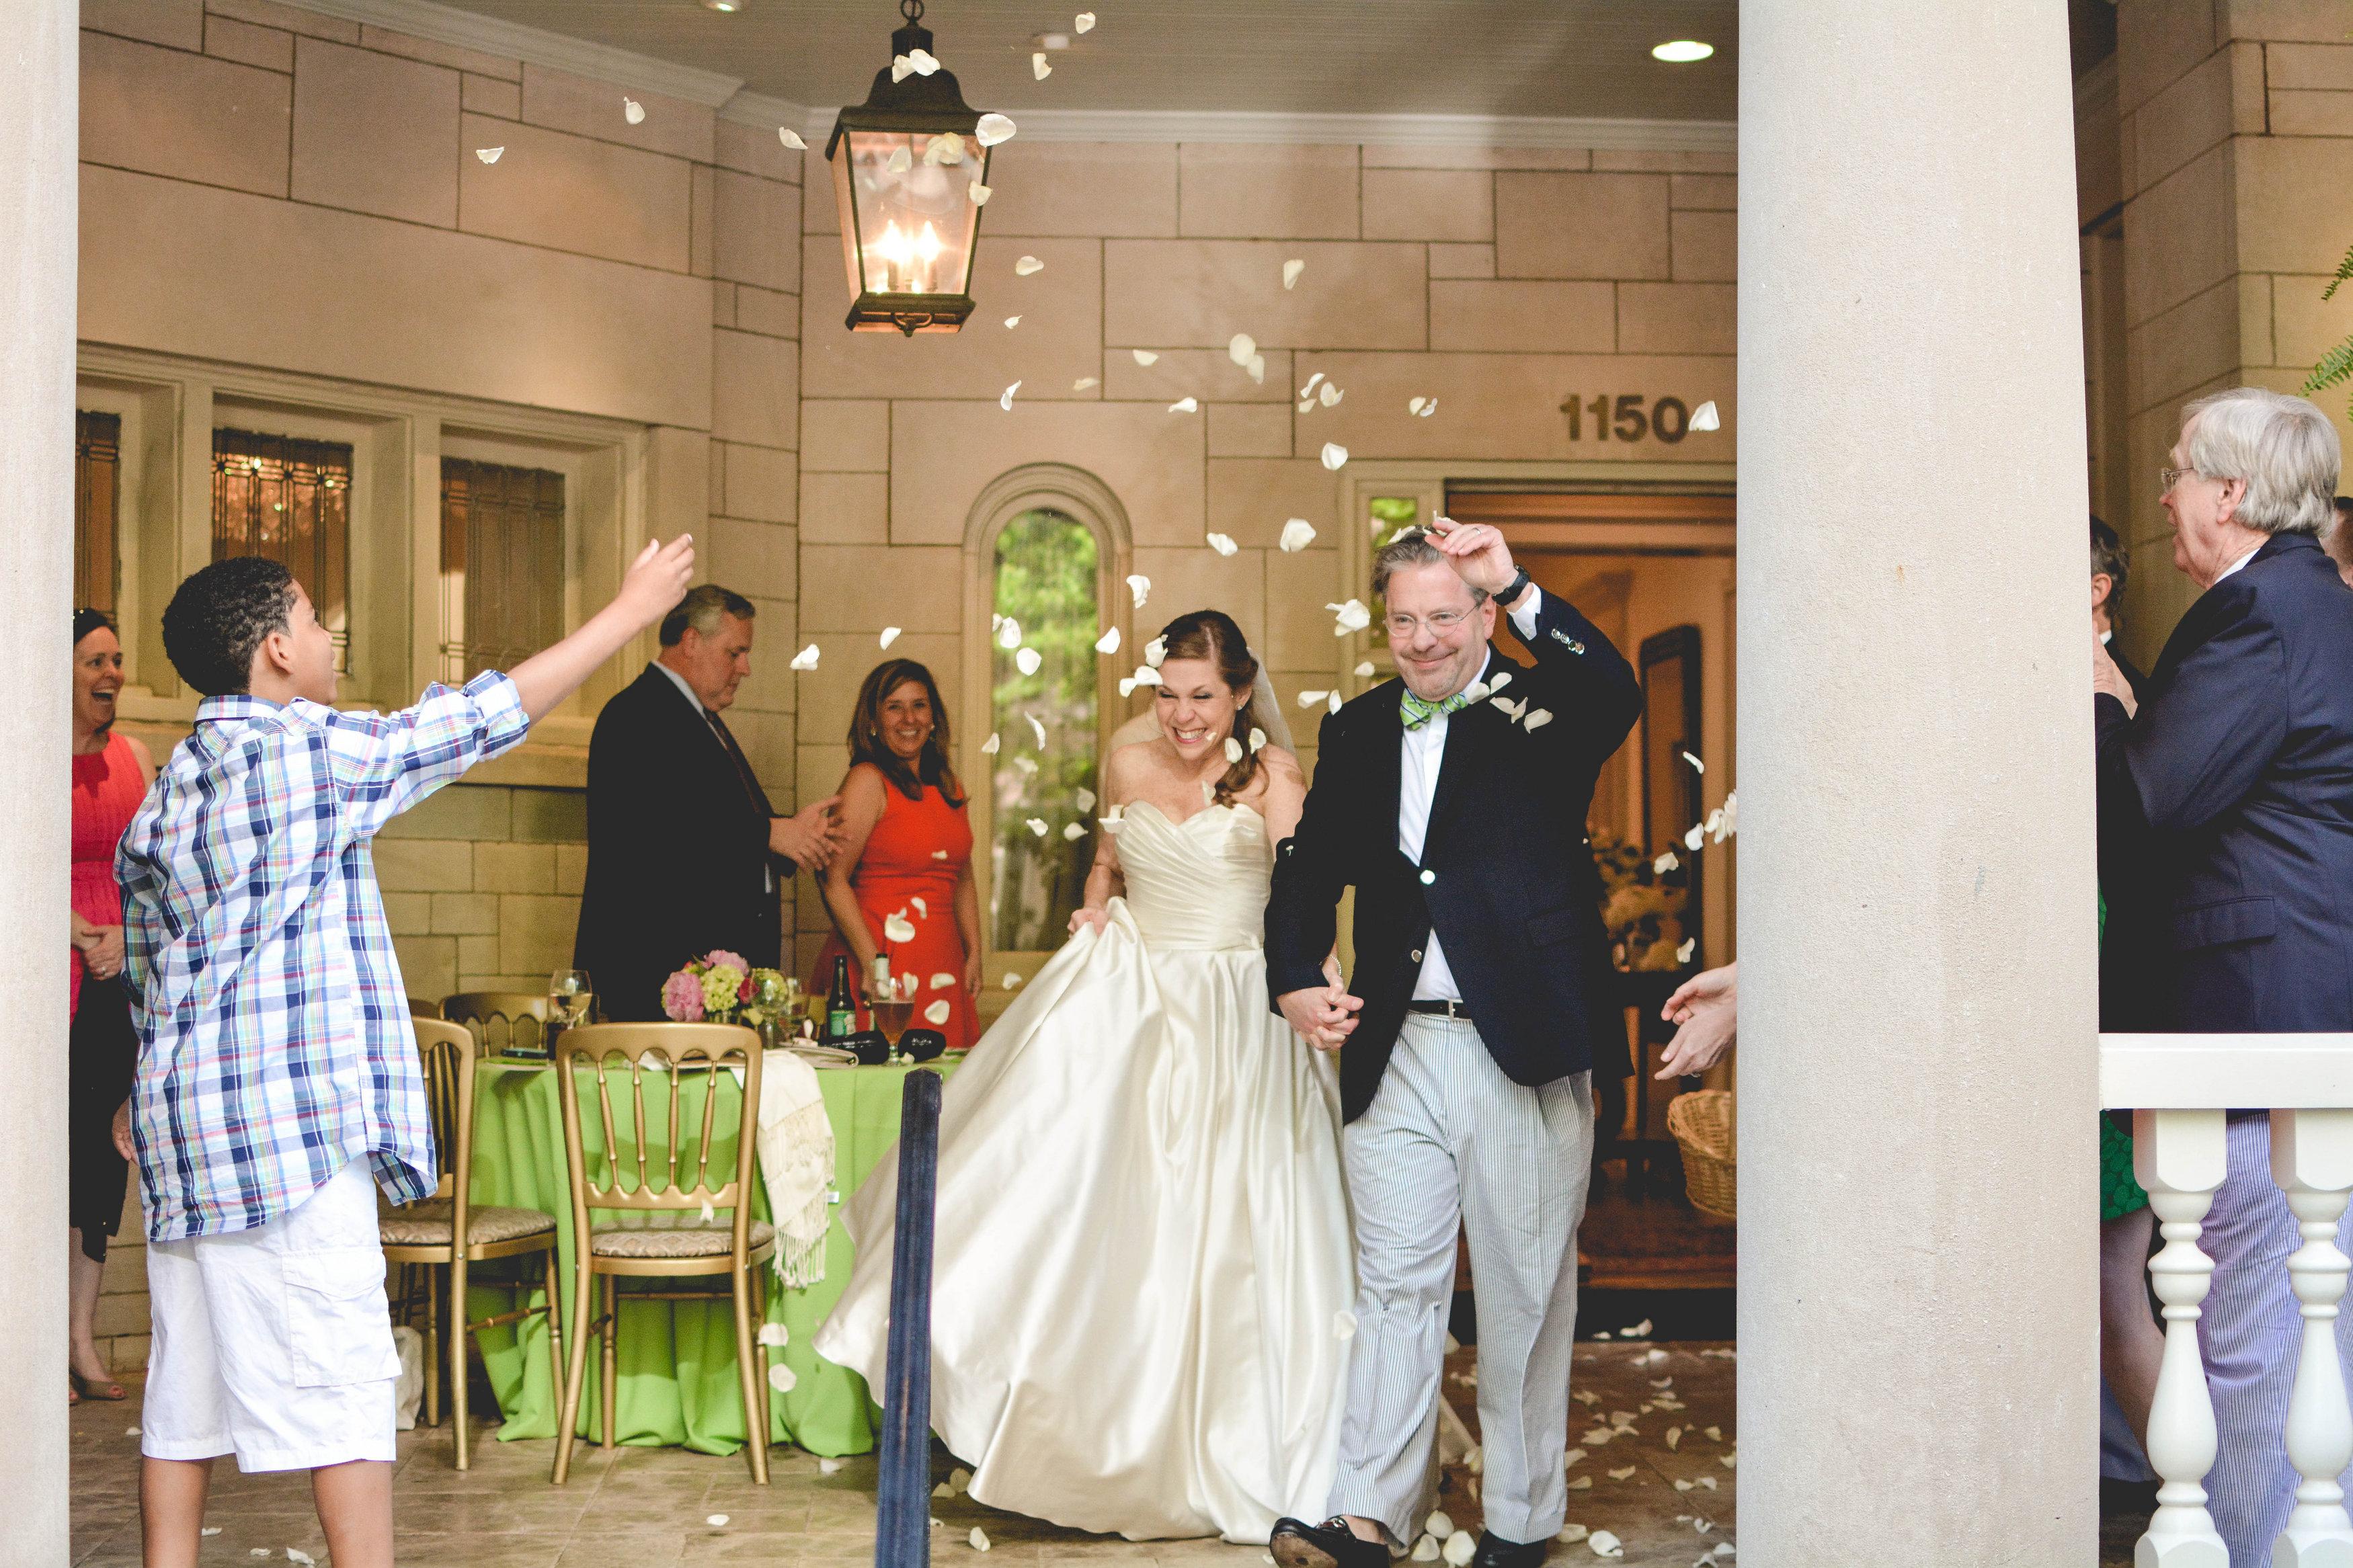 Atlanta wedding bride and groom exit with flower petals